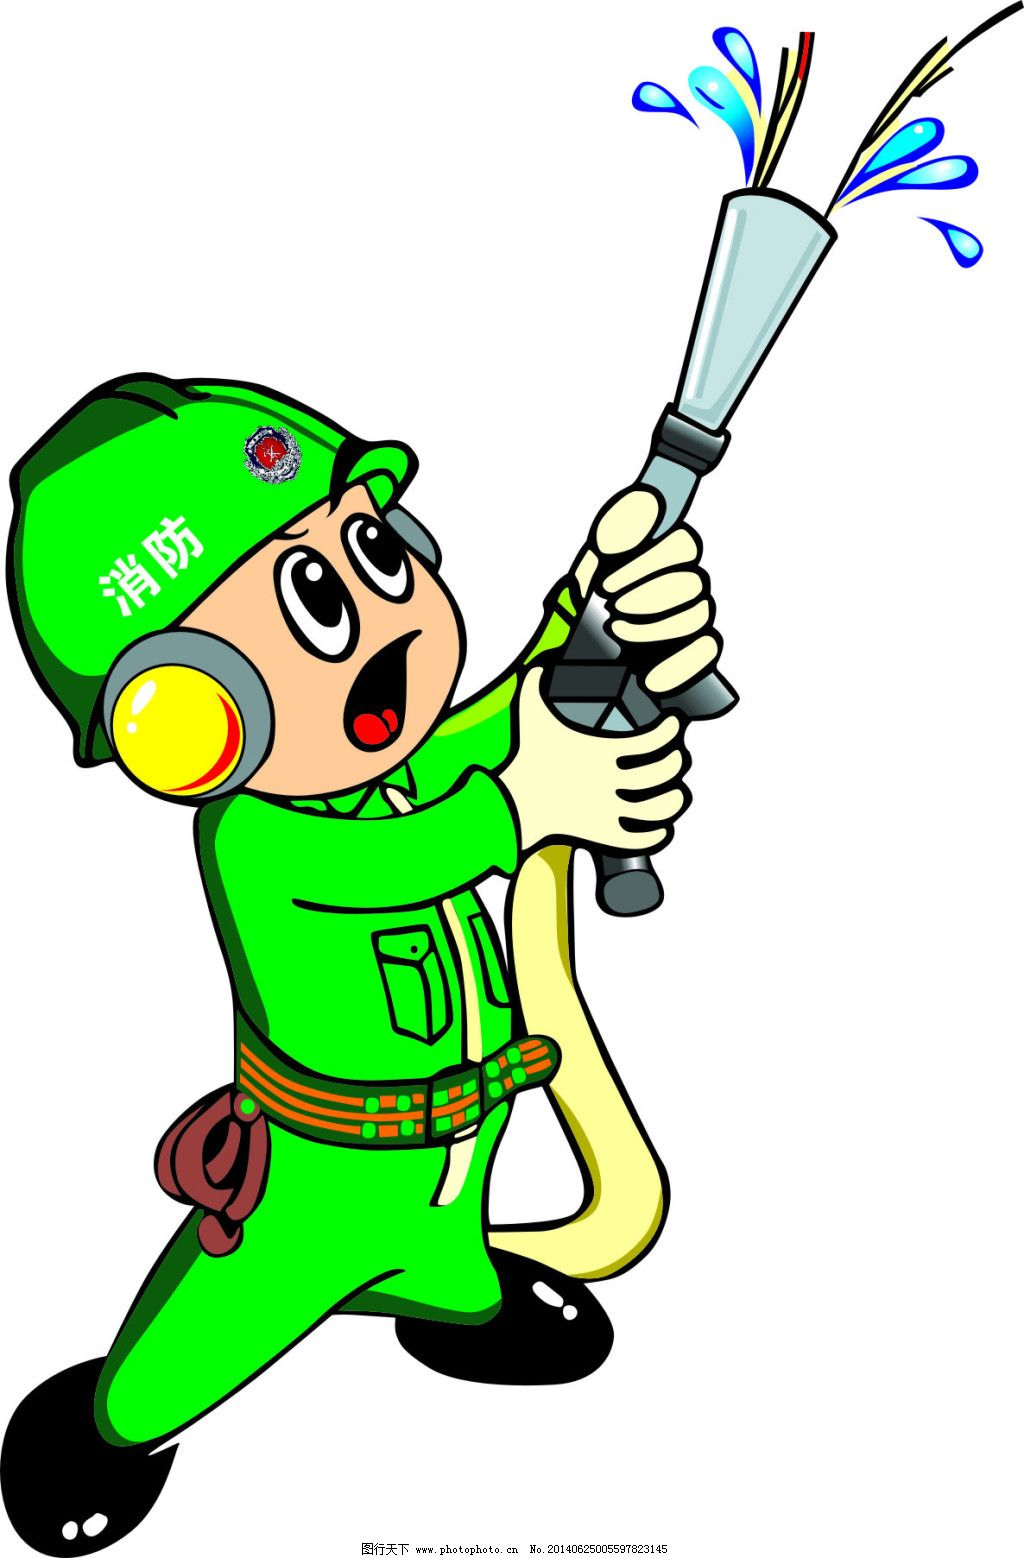 矢量图 消防 消防标志 消防标志 消防卡通人 消防 矢量图 其他矢量图